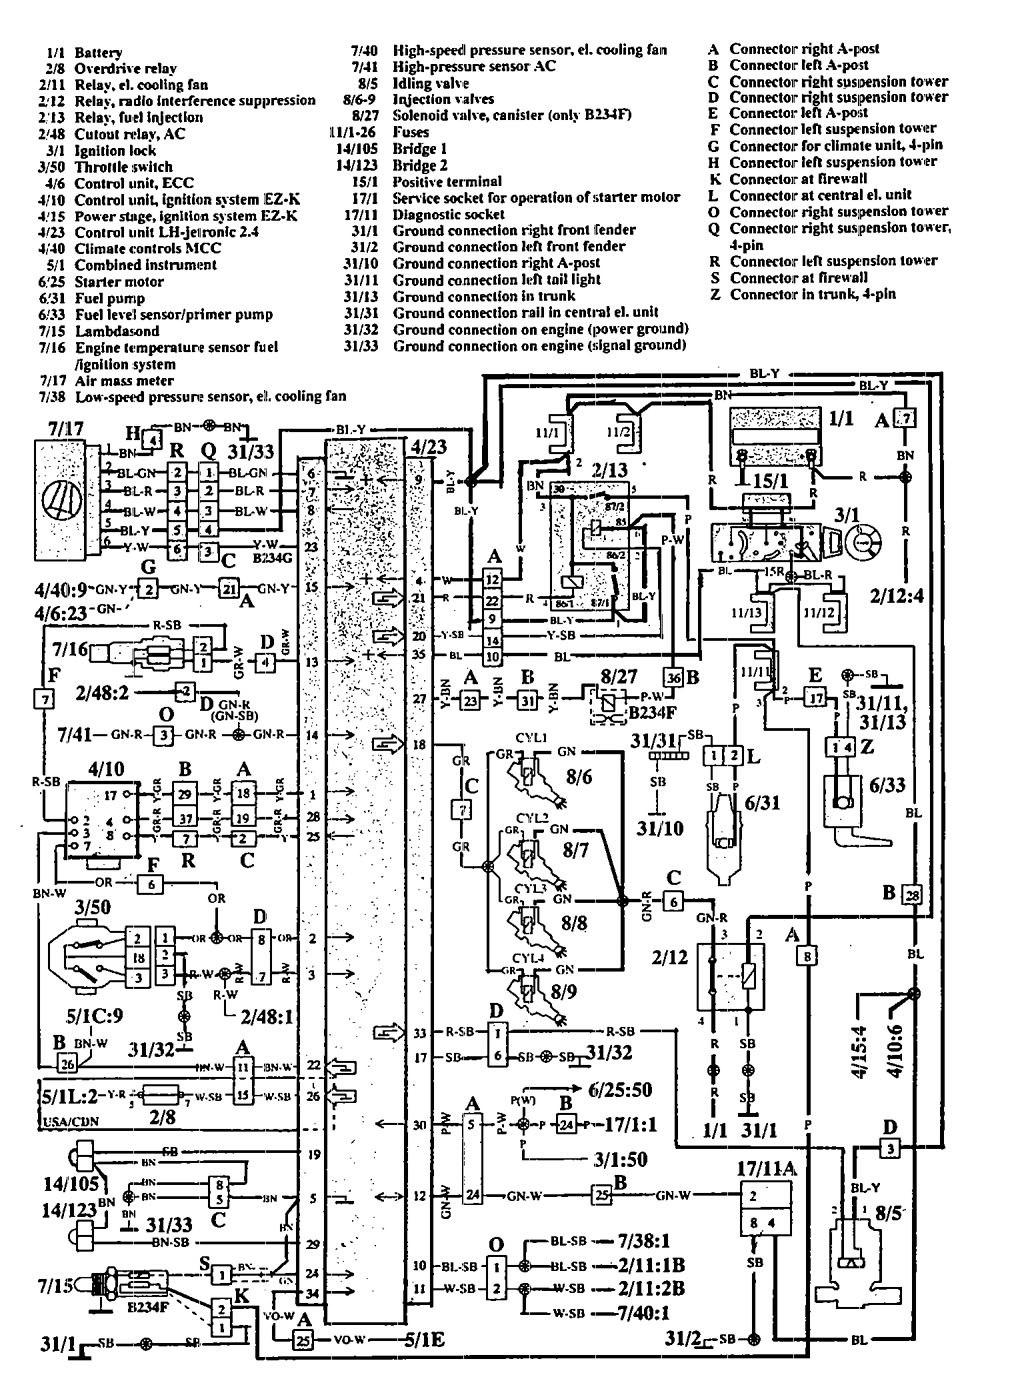 [TVPR_3874]  BA3 1992 Volvo 940 Radio Wiring | Wiring Library | 1992 Volvo 940 Wiring Diagram |  | Wiring Library